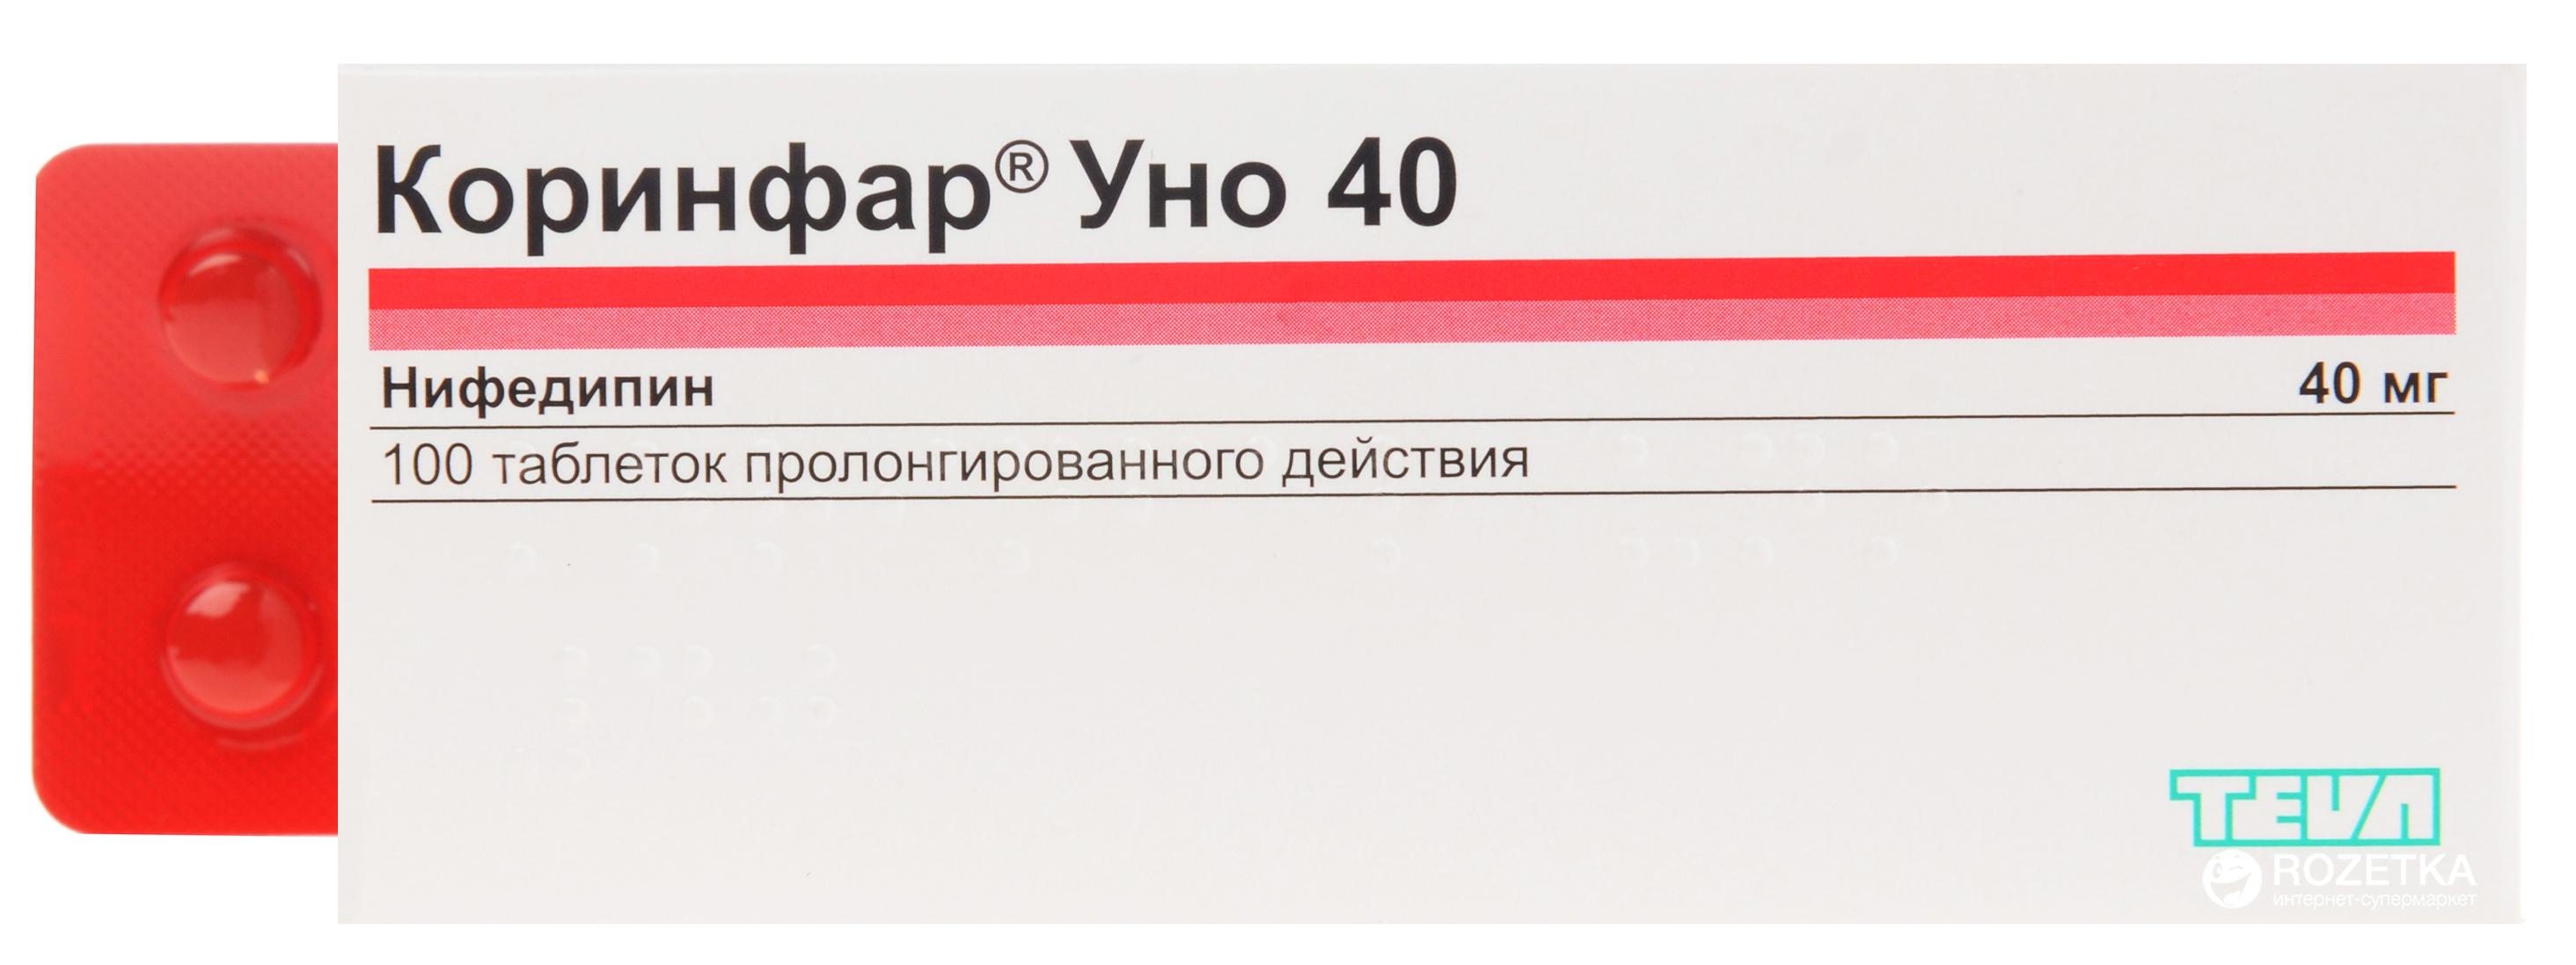 Коринфар уно инструкция по применению